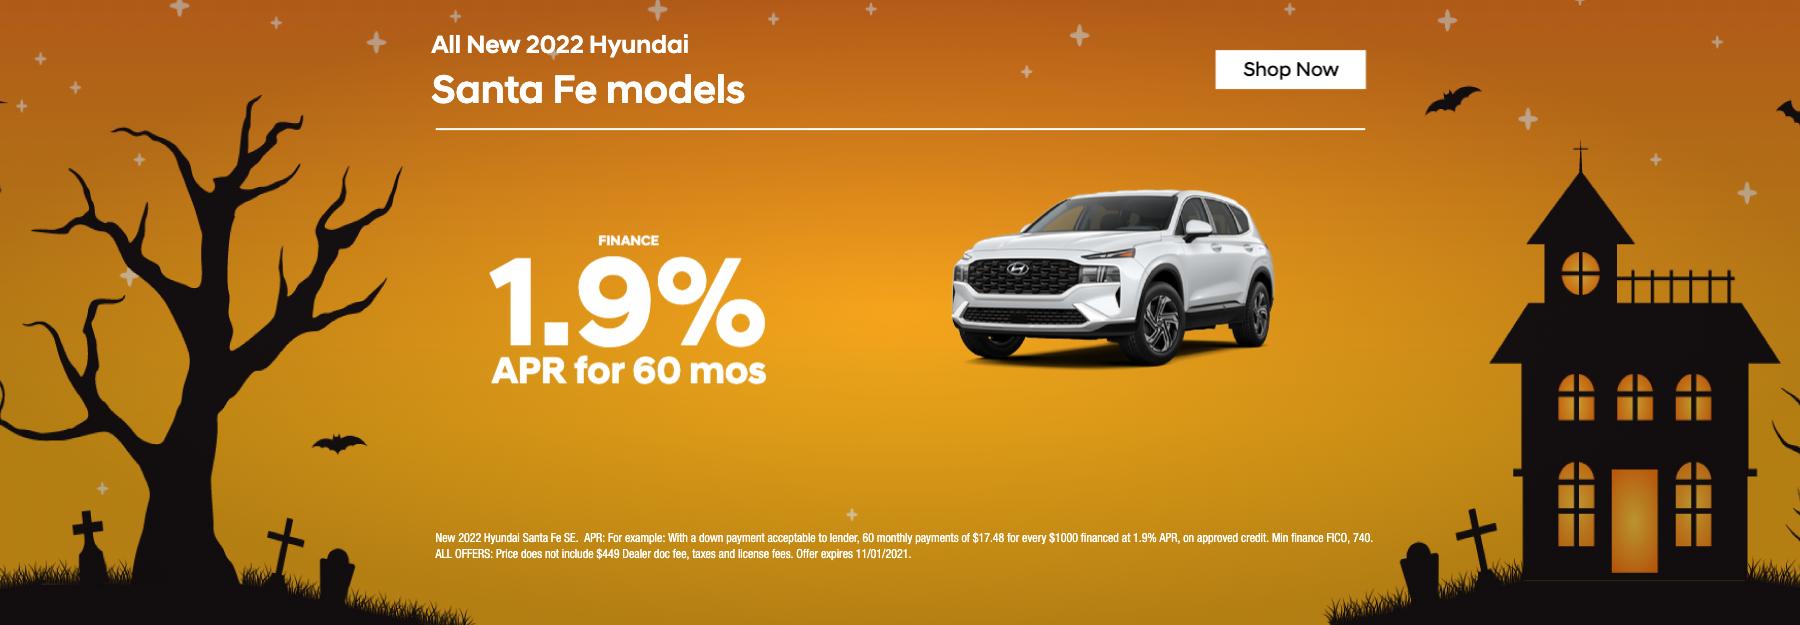 New 2022 Hyundai Santa Fe